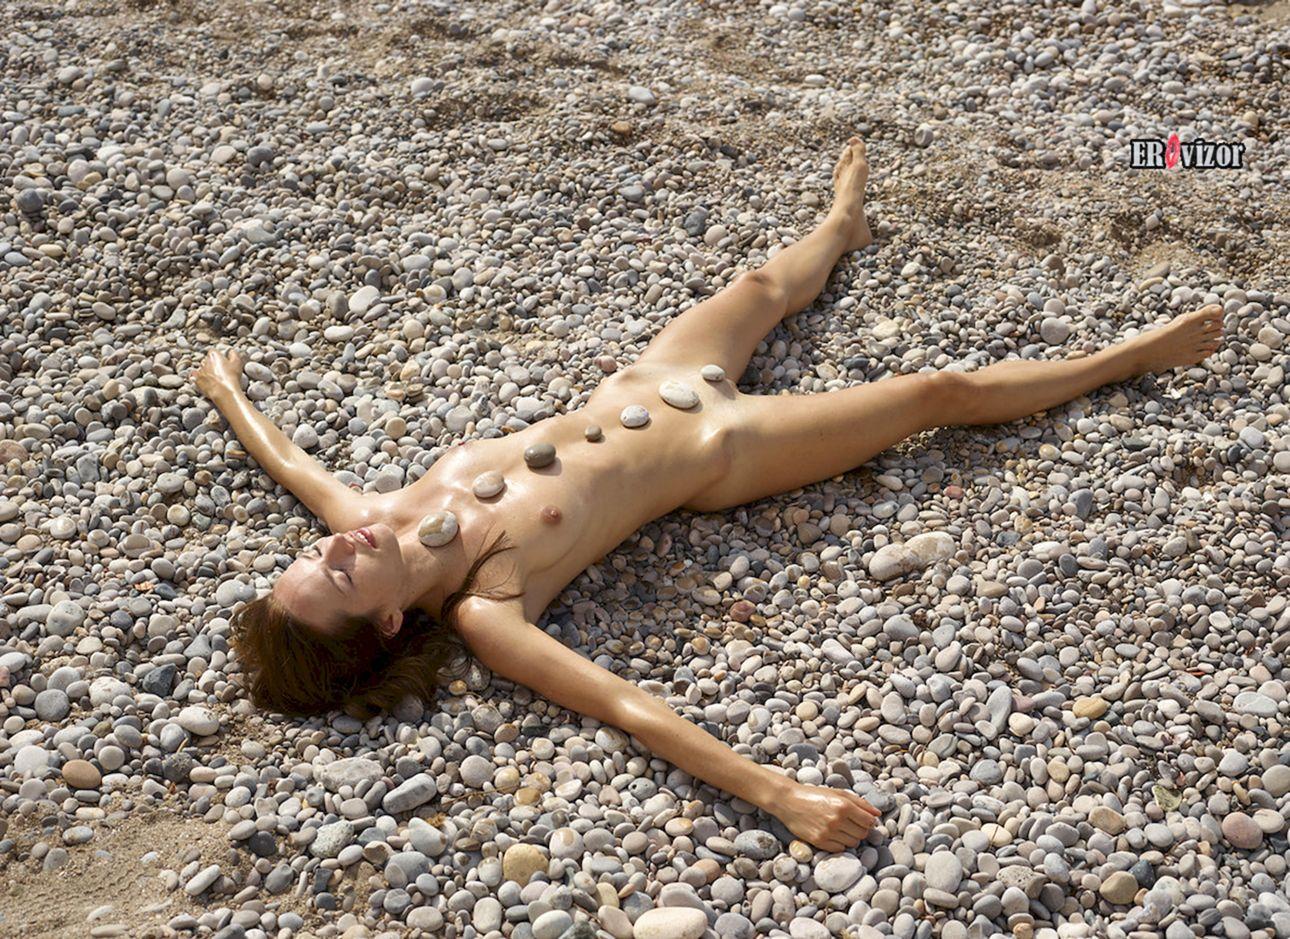 голая стройная девушки лежит на берегу